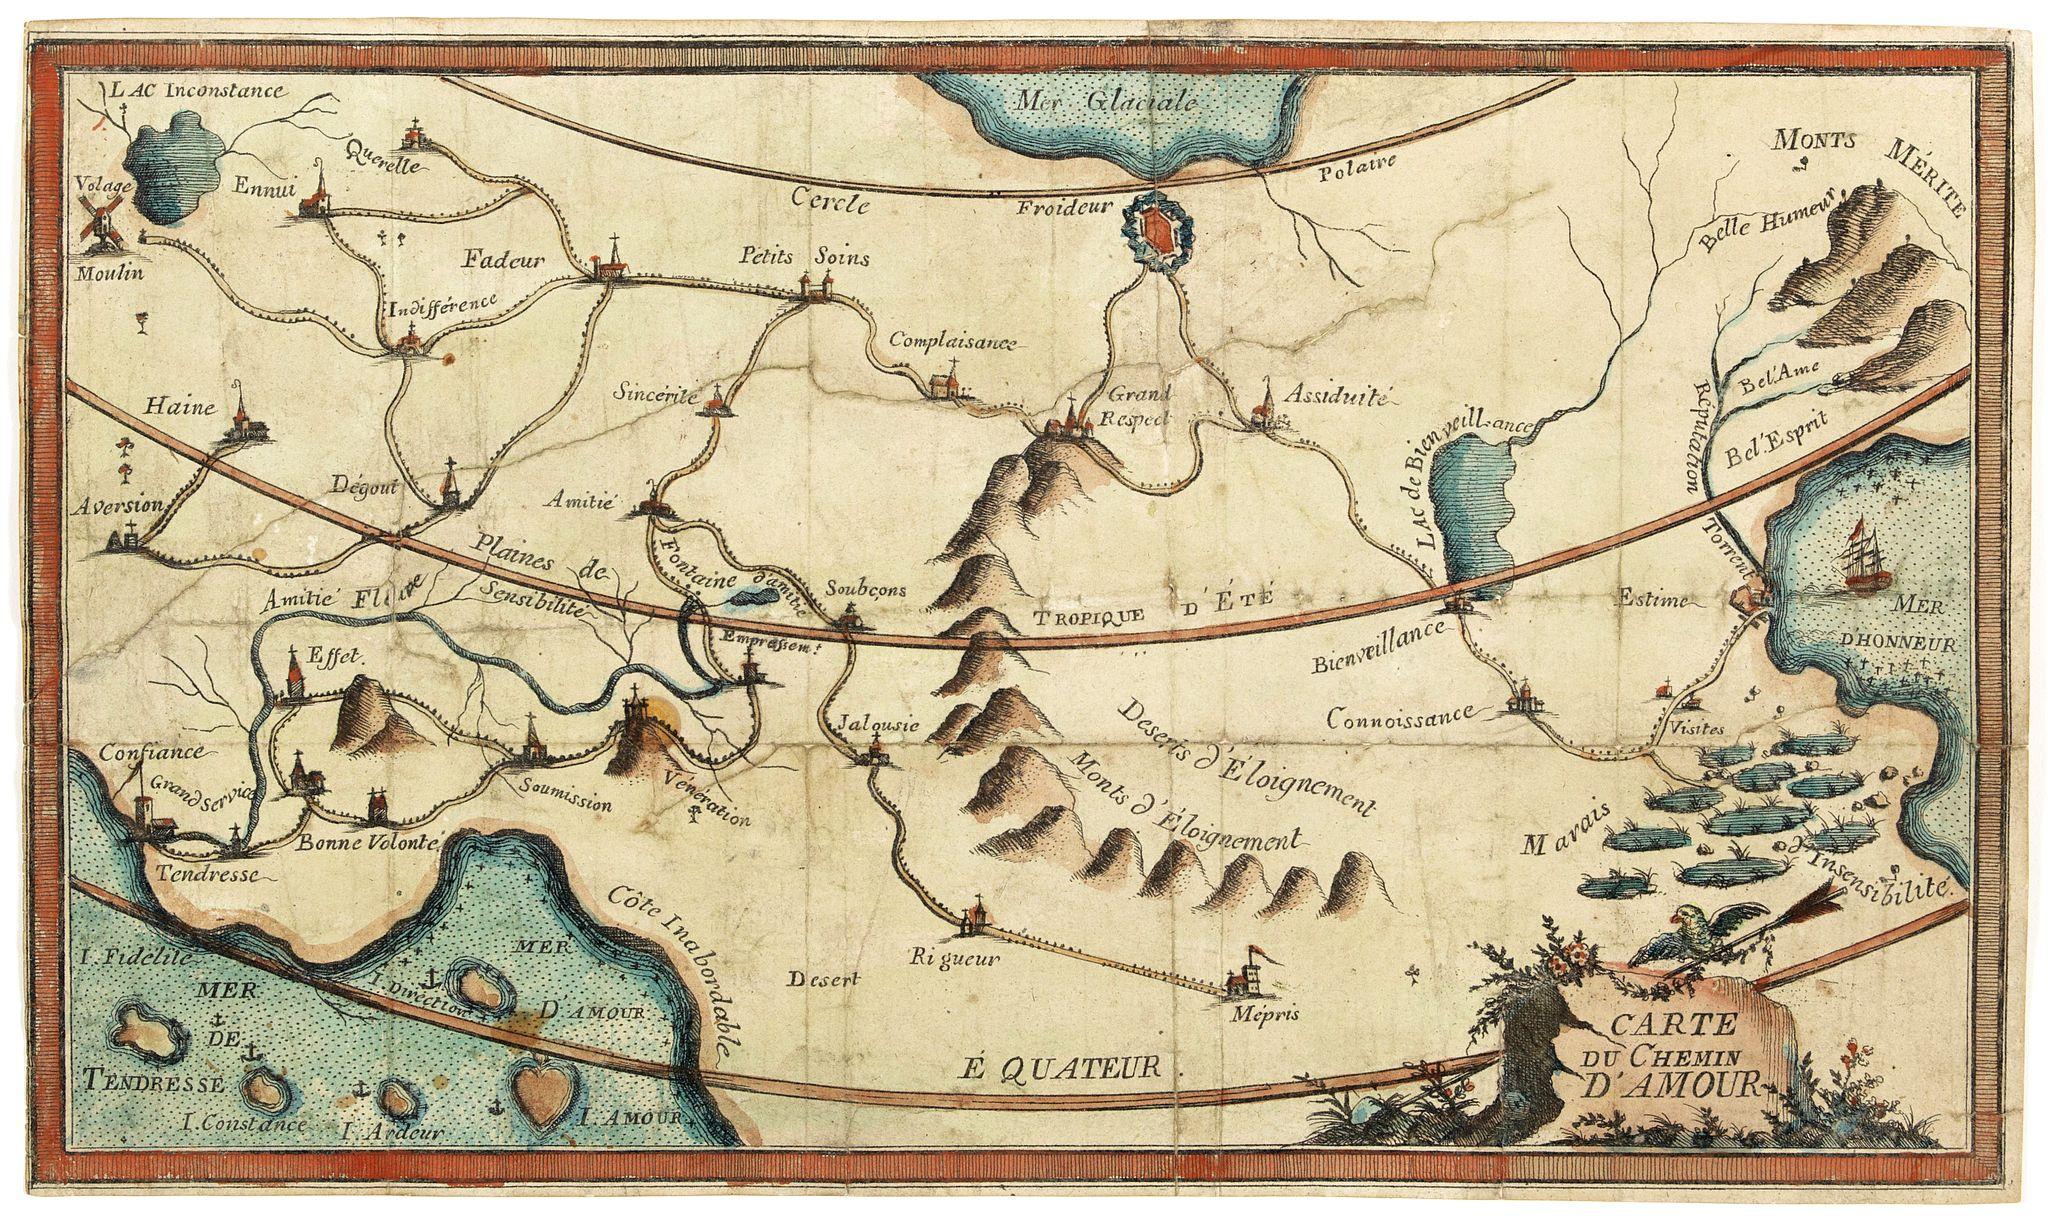 ANONYMOUS -  Carte du Chemin d'Amour.